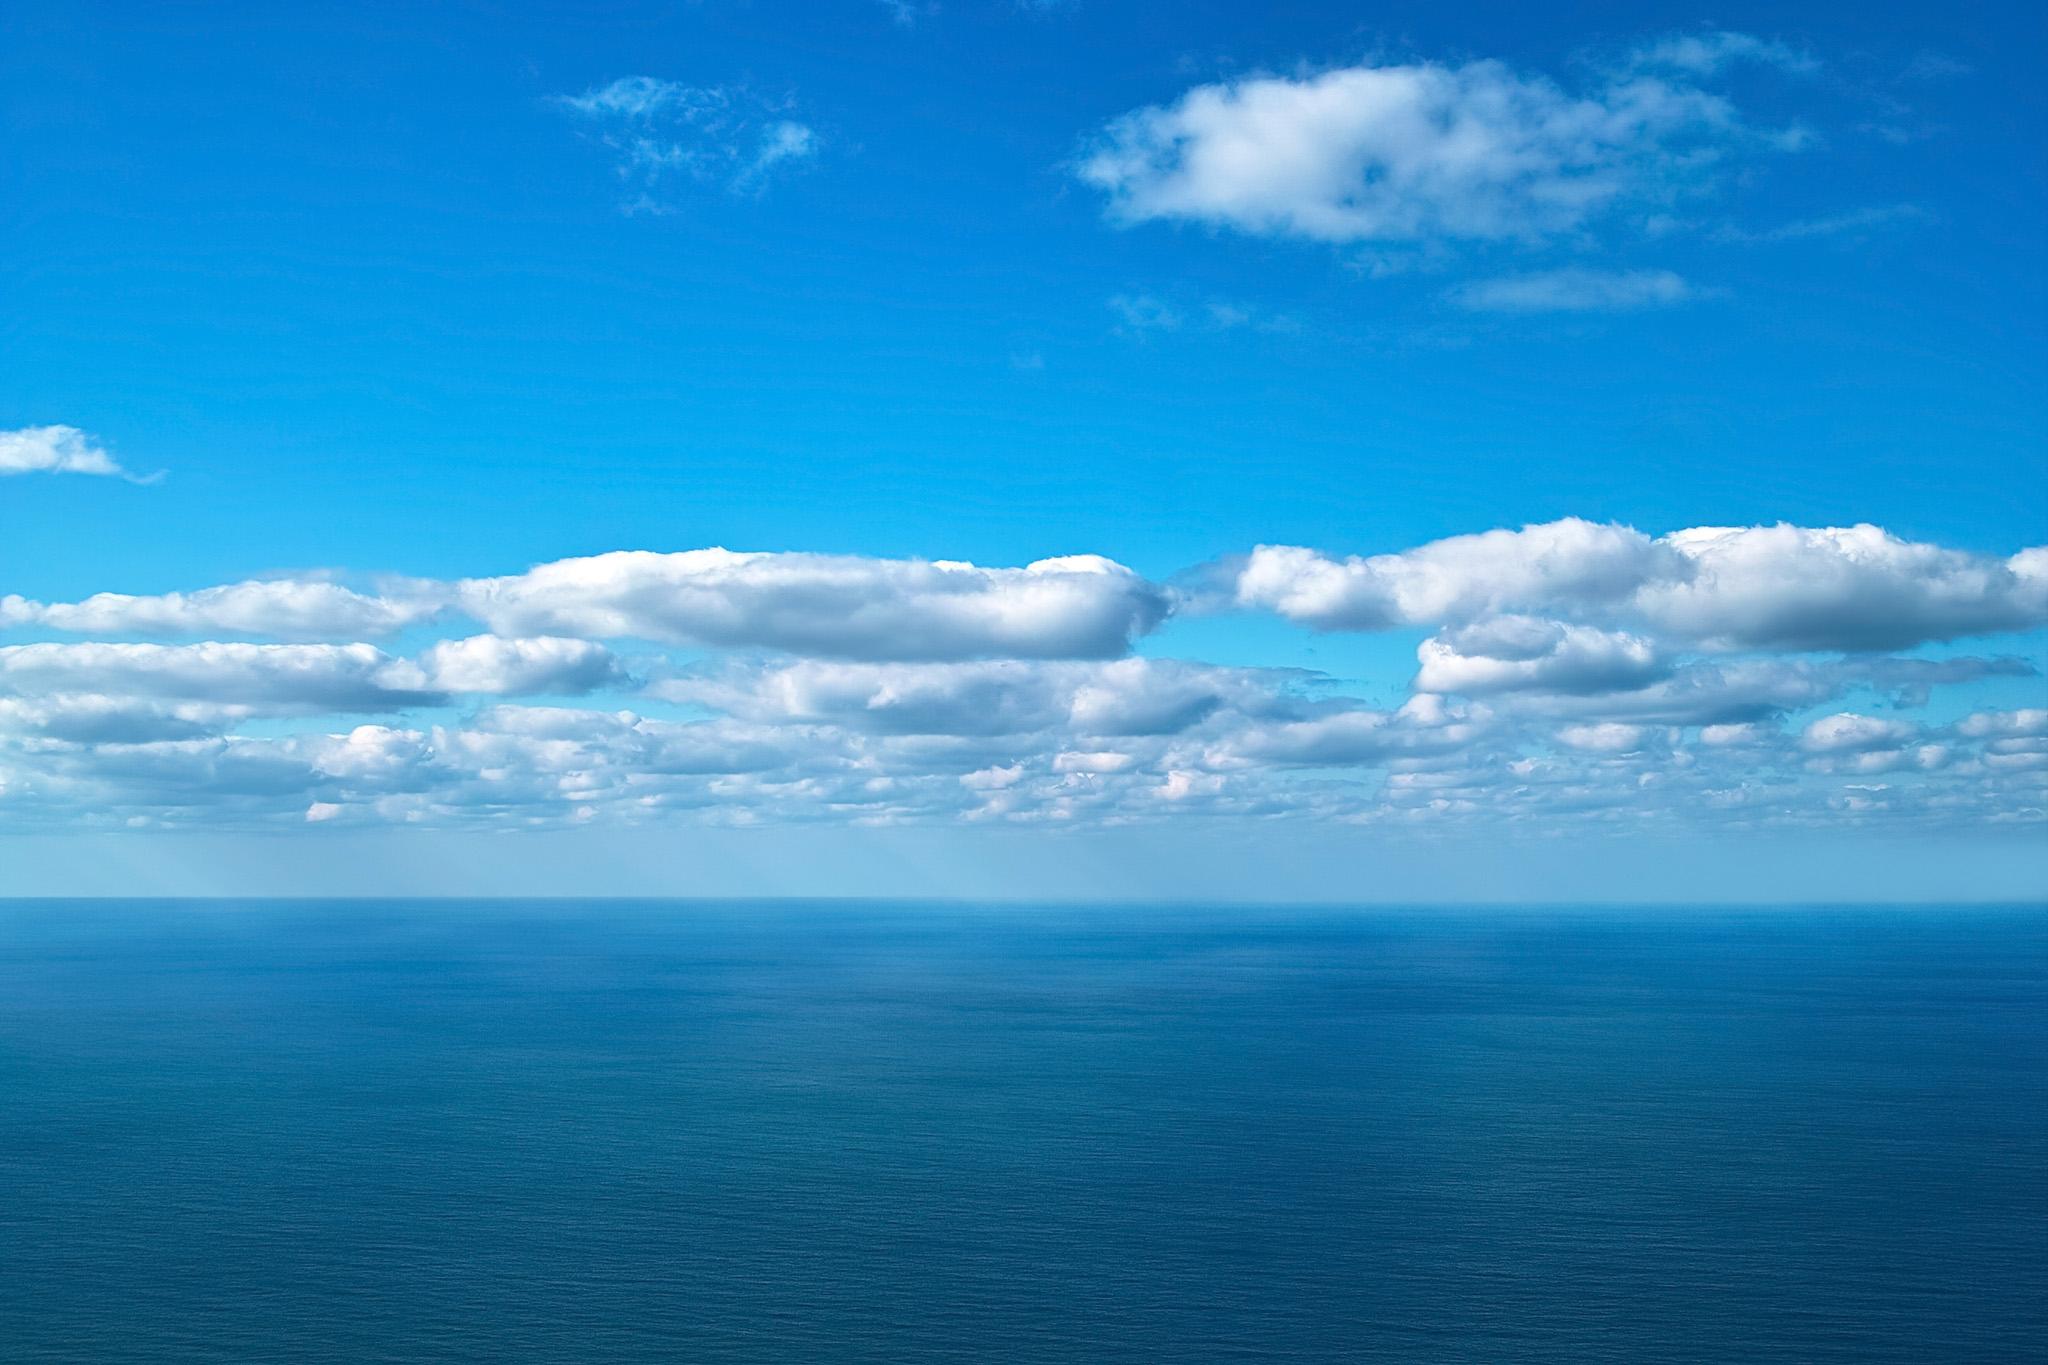 「雲が浮かぶ青空と海」